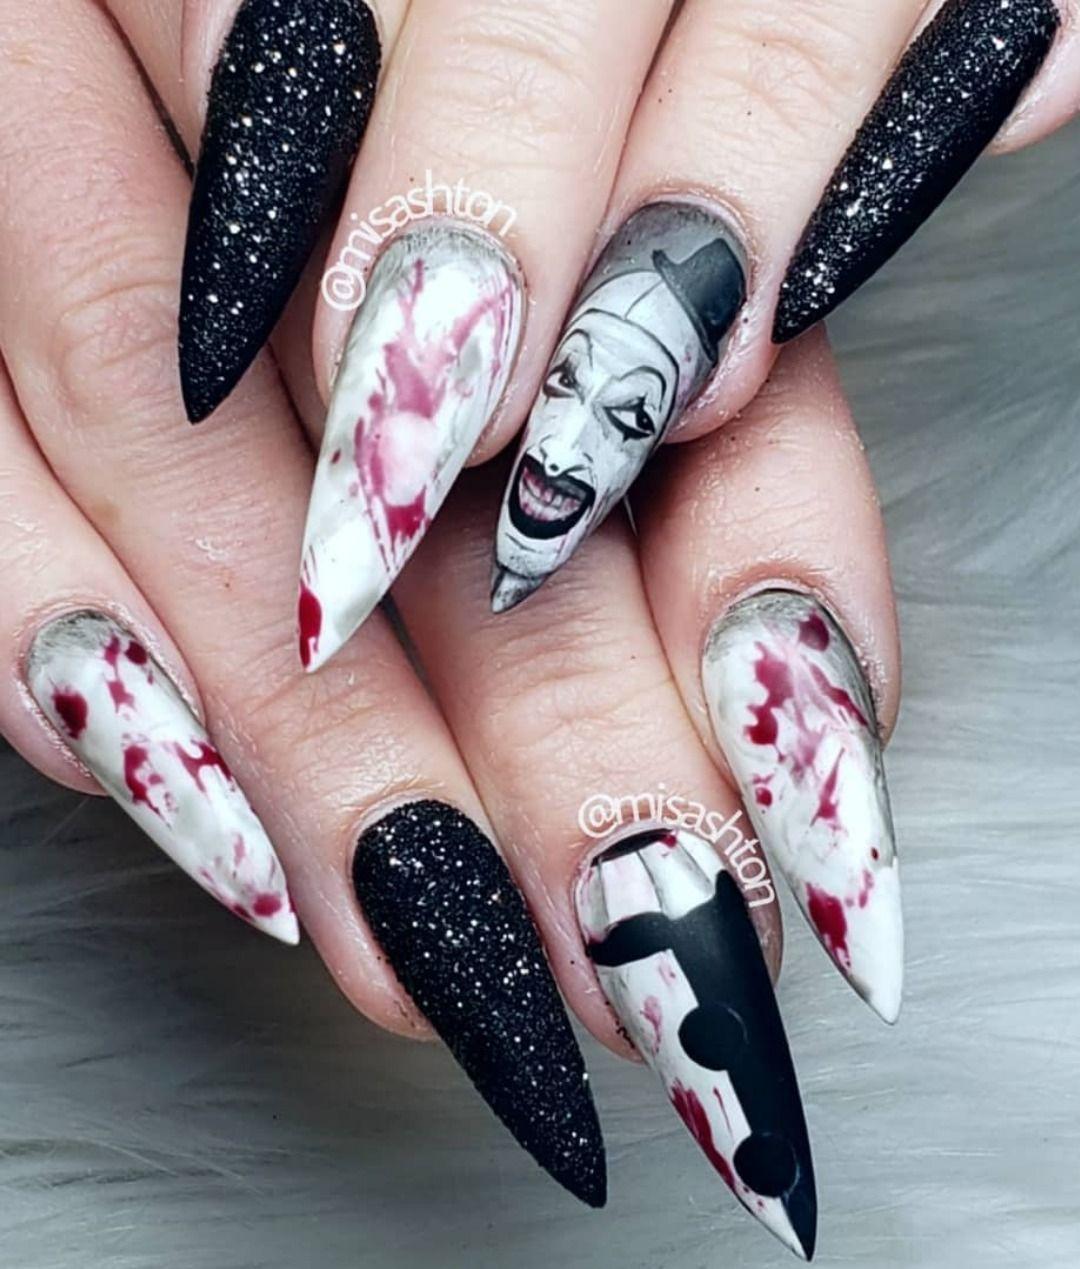 Spooky Halloween stiletto nails 2019 #halloween # ...